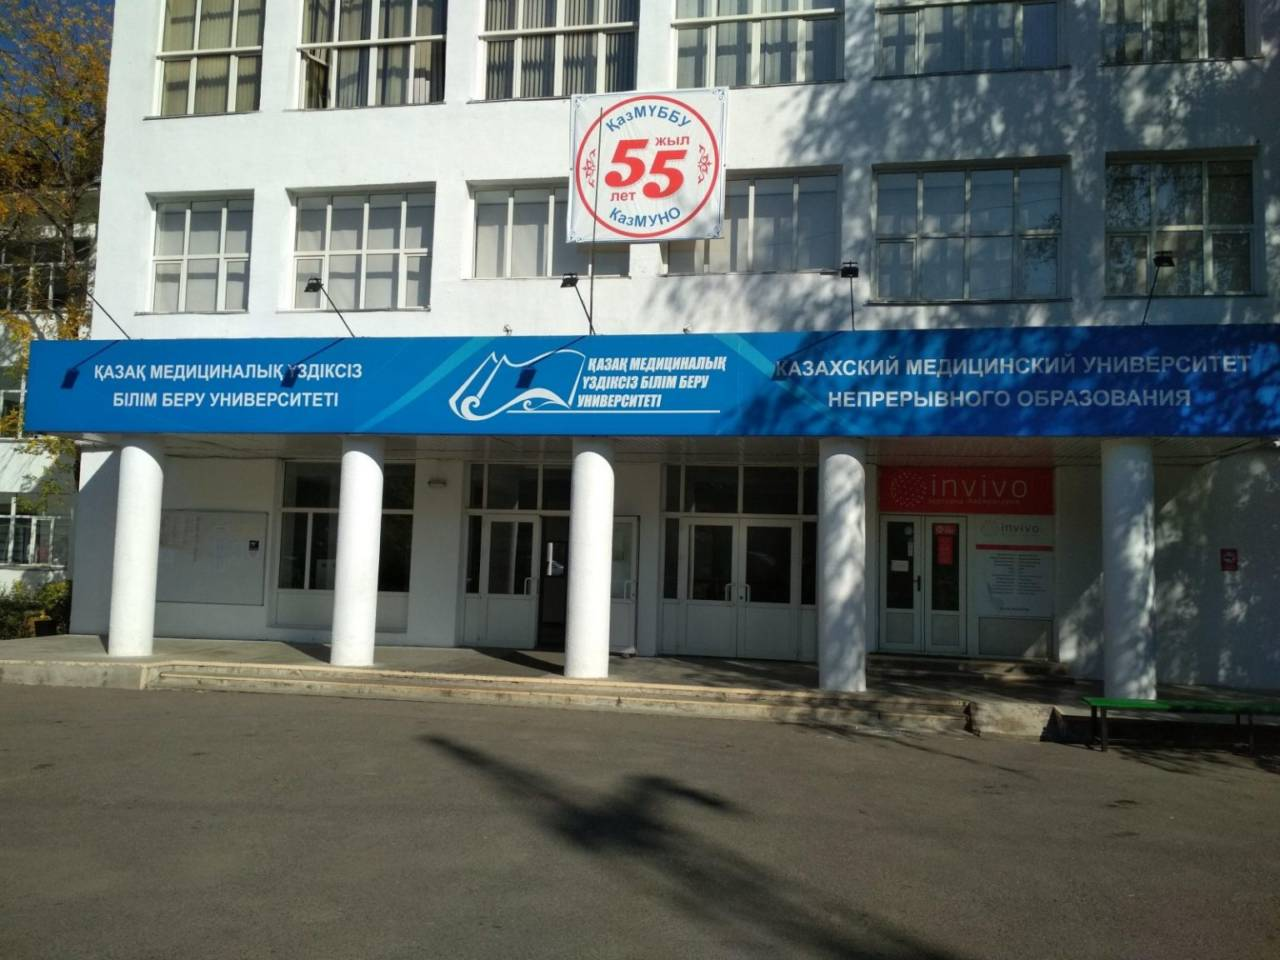 МОН лишил лицензии Казахский медицинский университет непрерывного образования